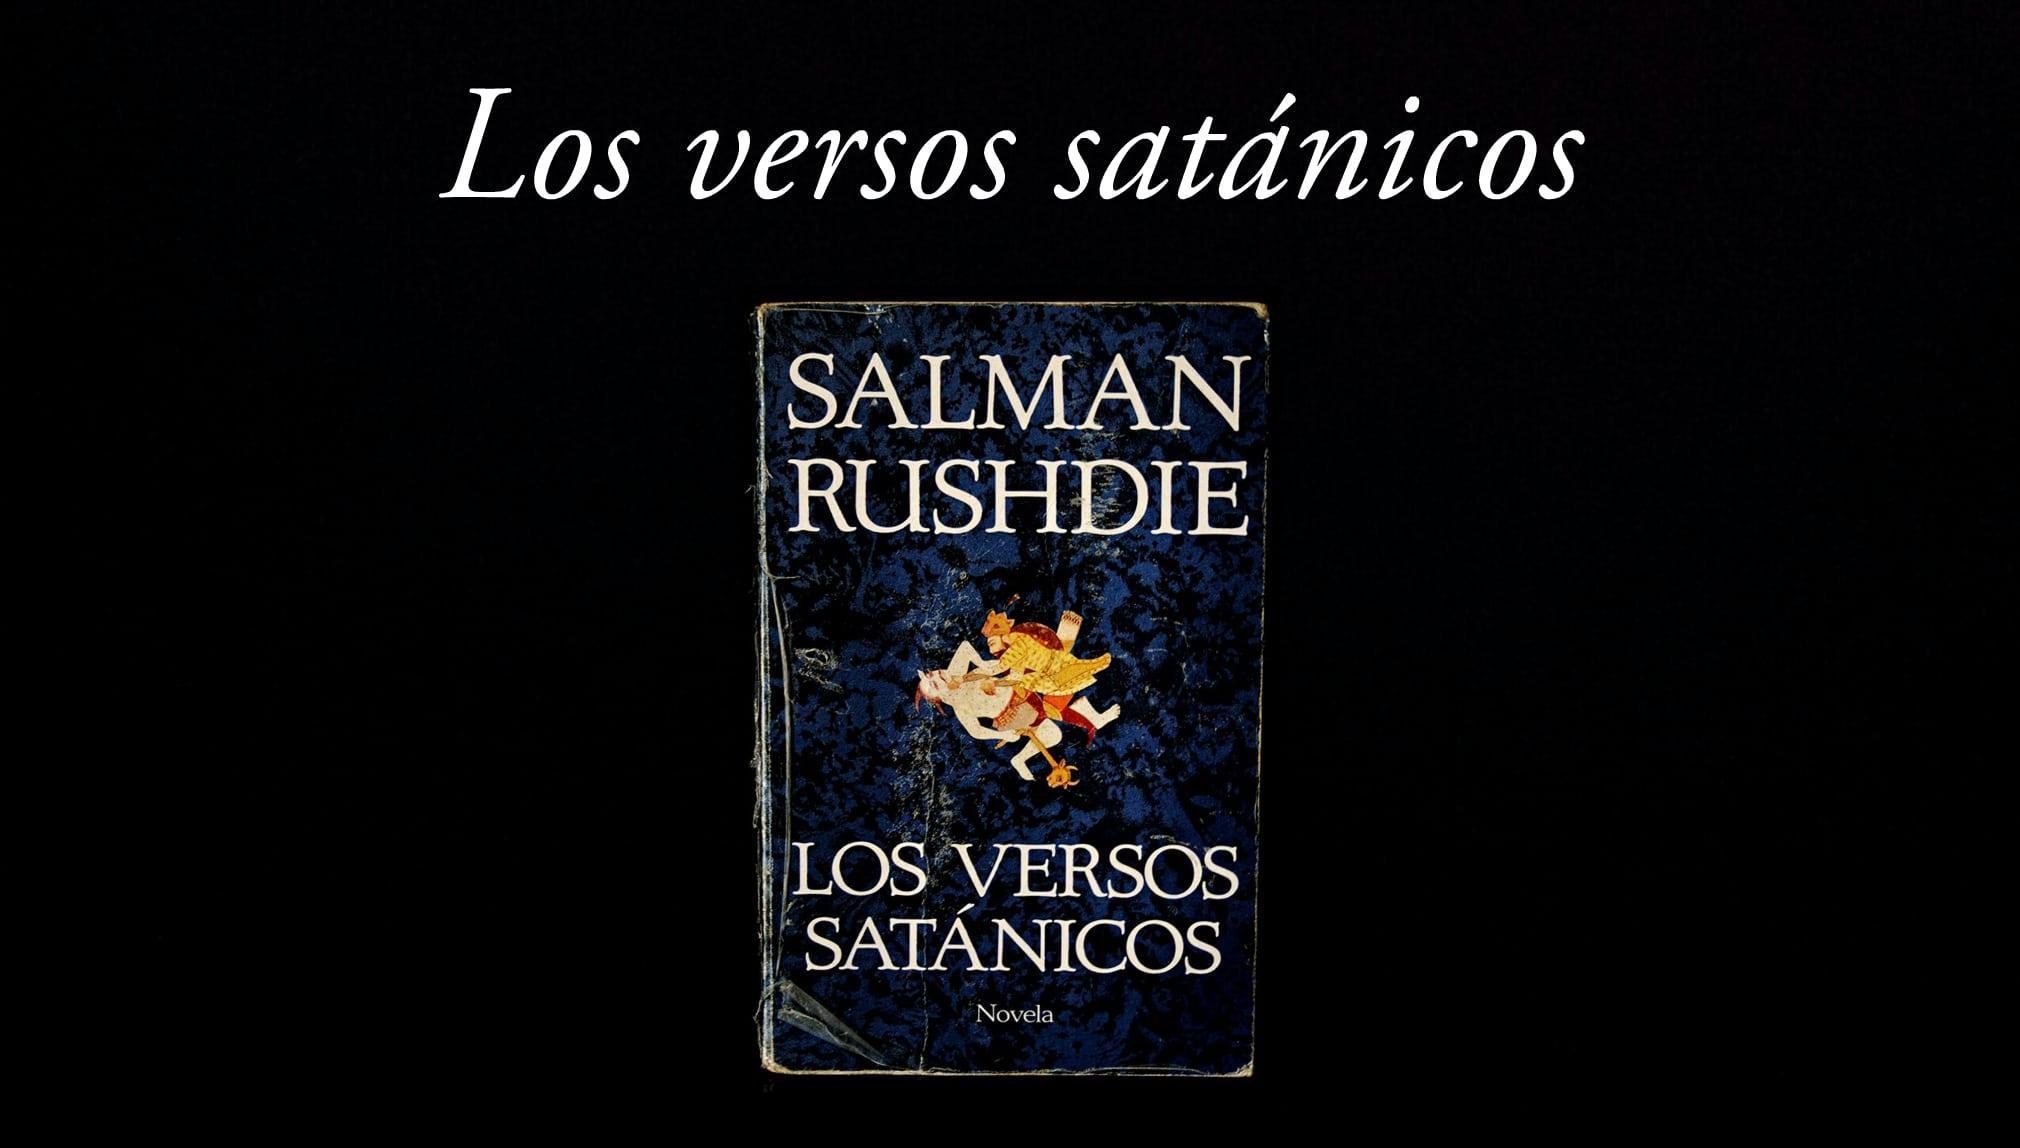 Los versos satánicos.